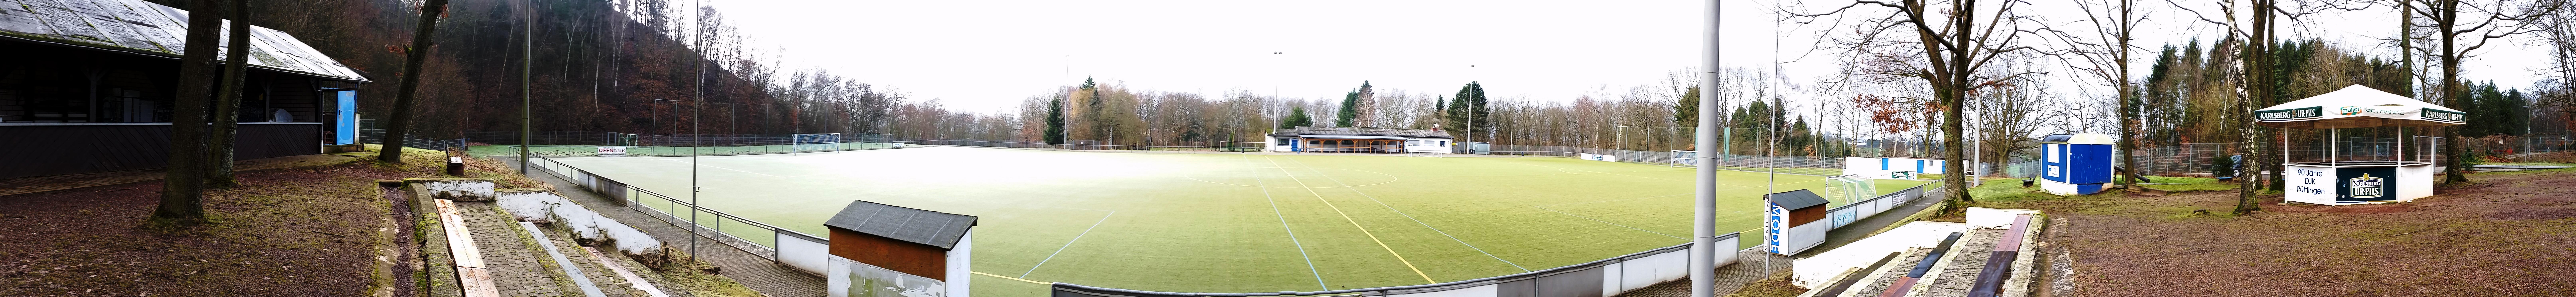 Panorama Bild der Sportanlage Espenwald